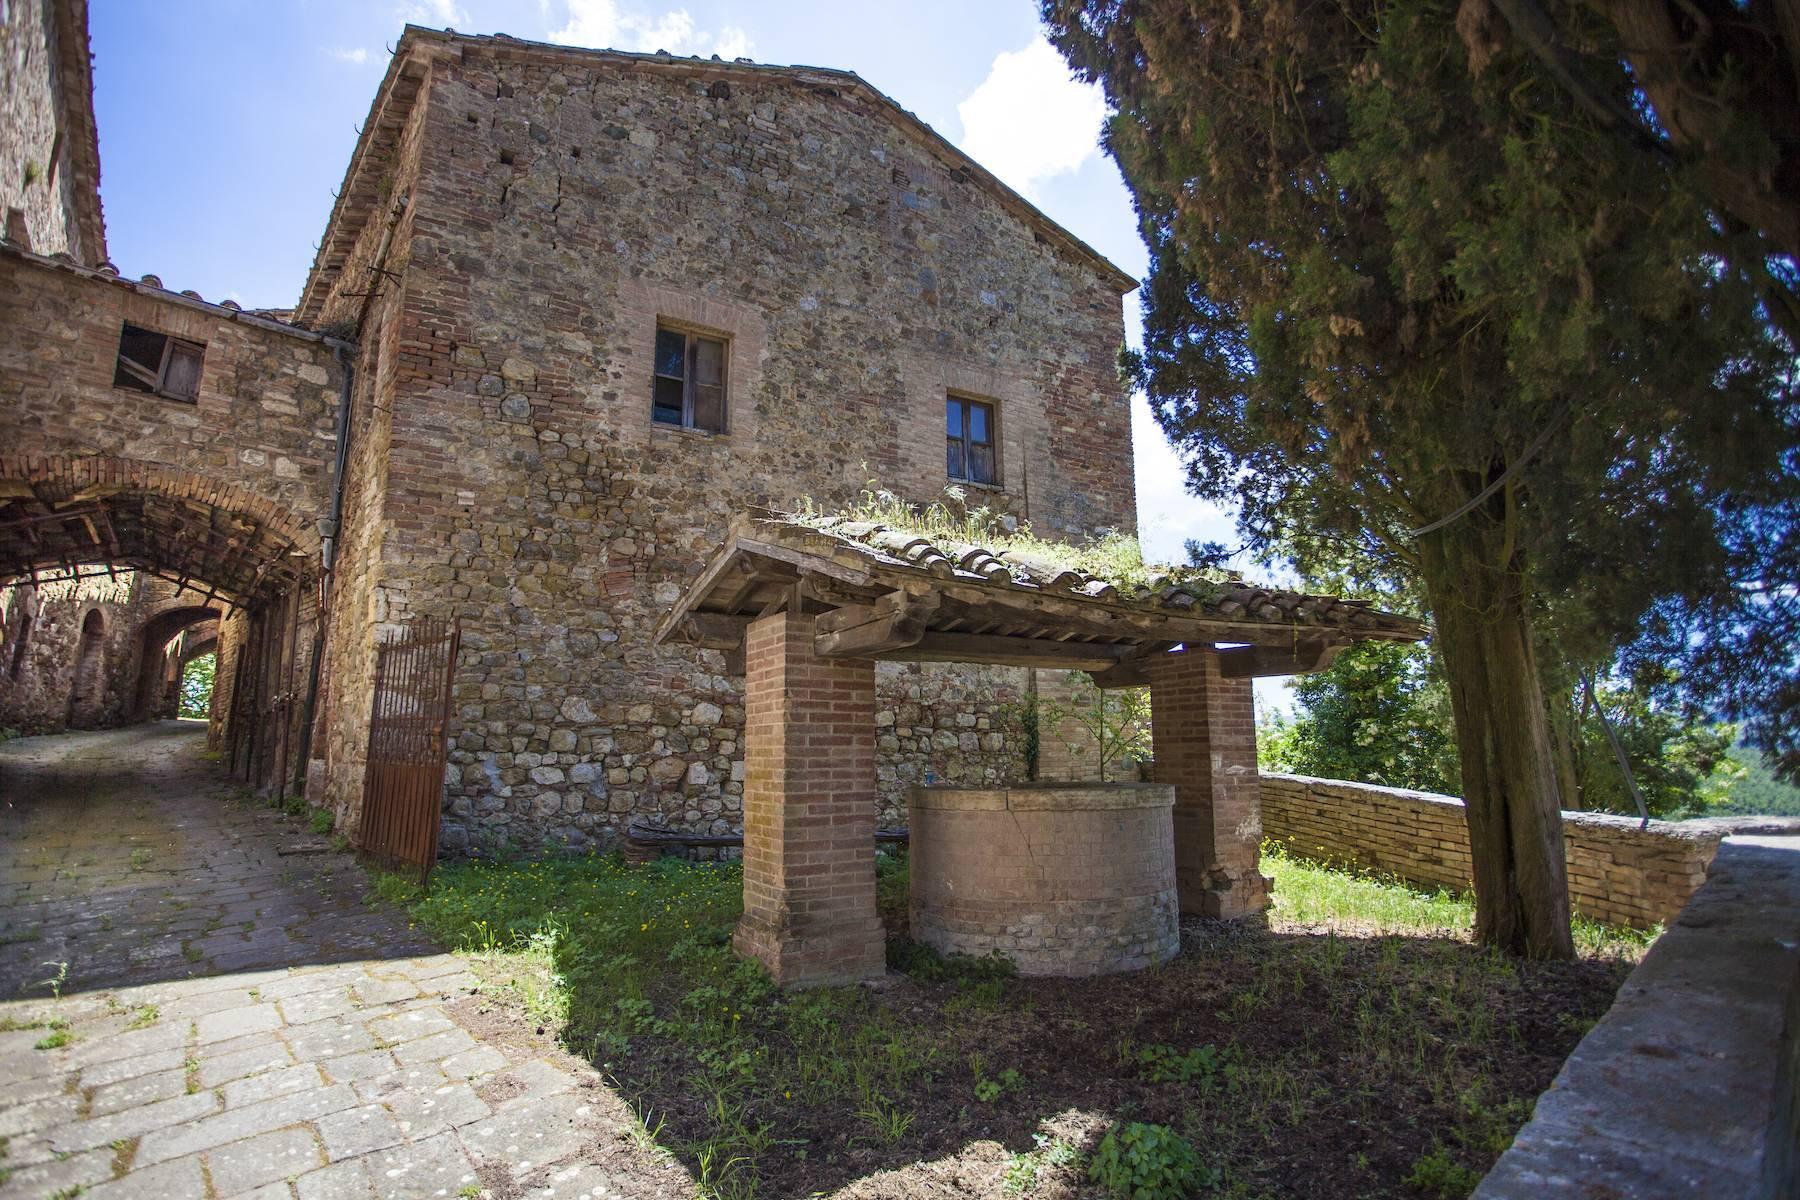 Incroyable château et hameau du 12ème siècle dans la campagne de Sienne - 5